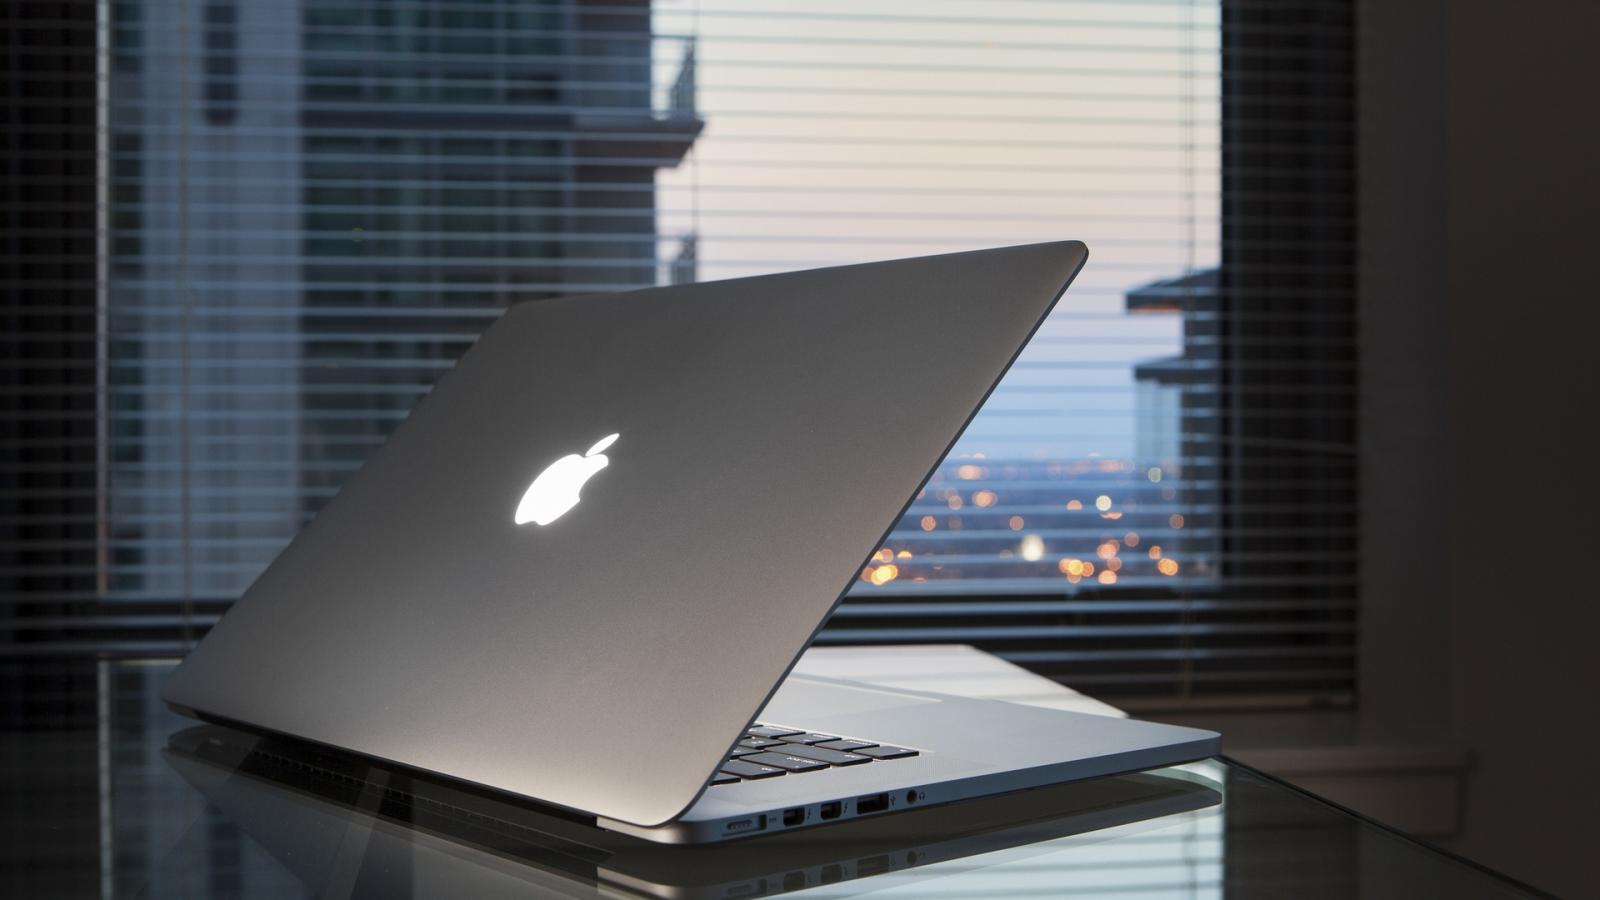 Apple ожидает большой спрос на Mac в 2016 году